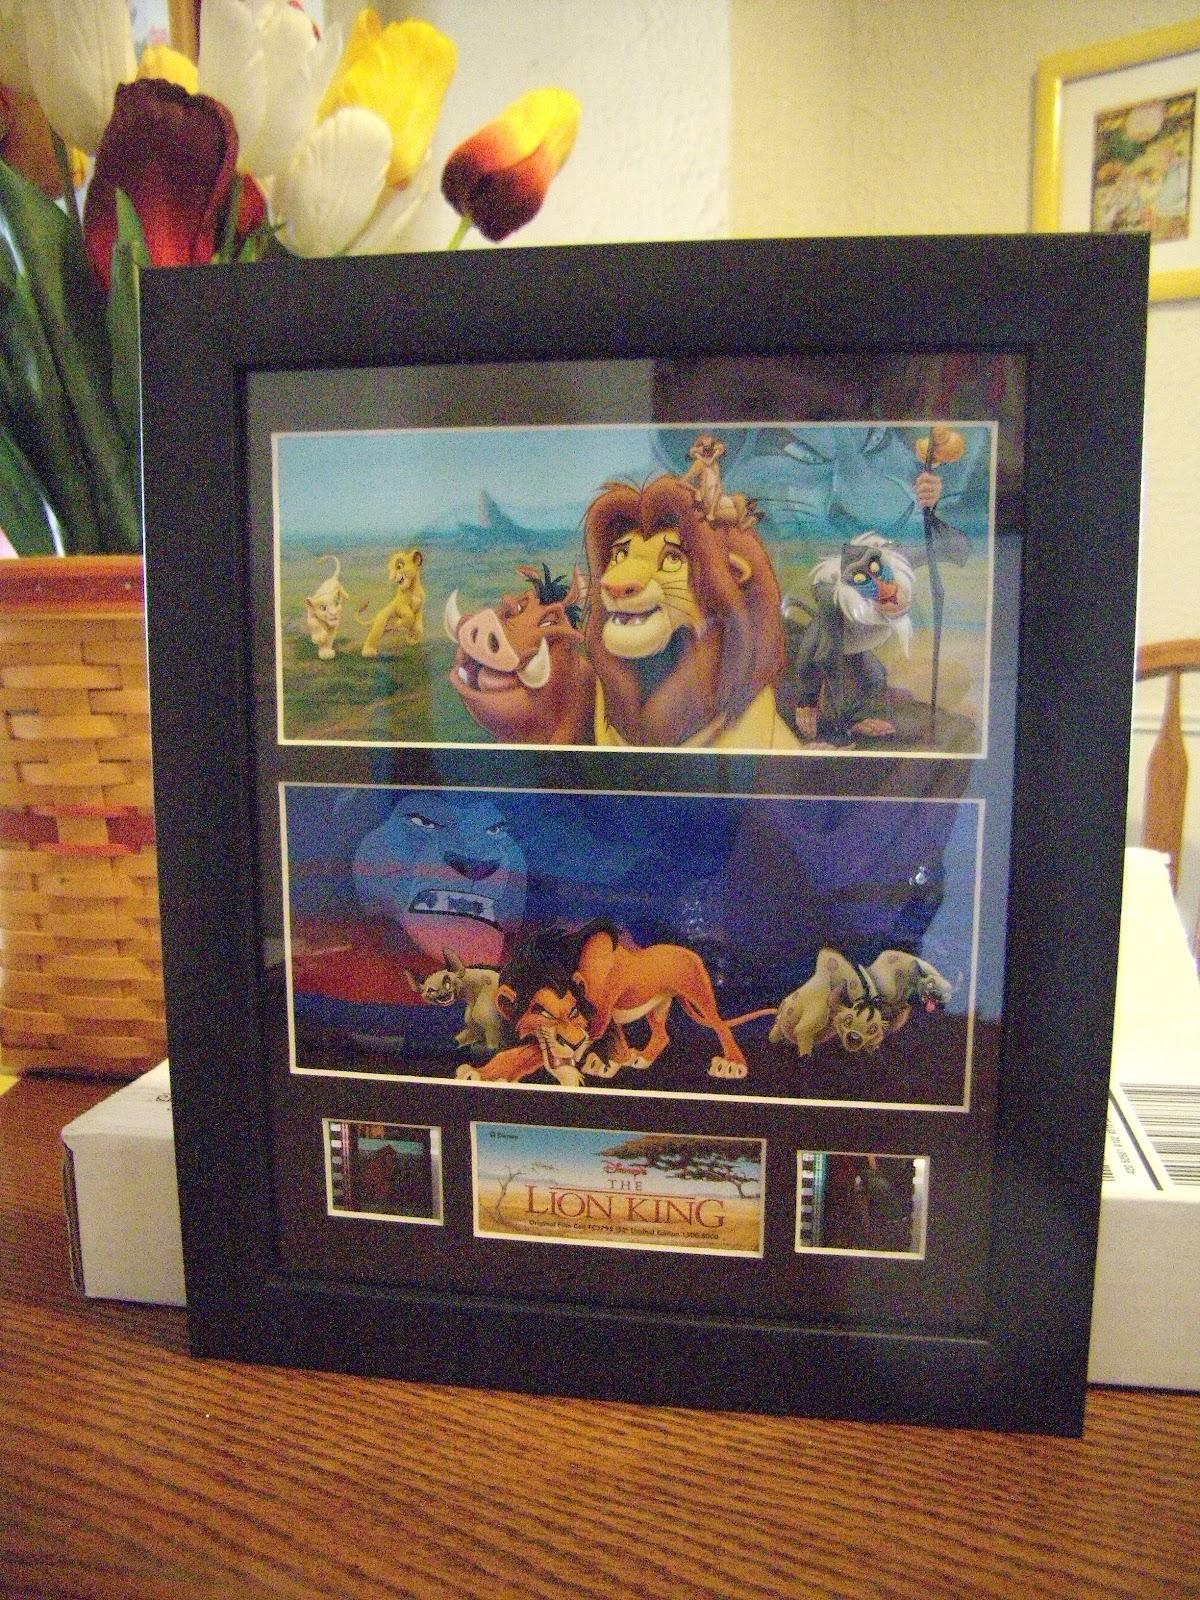 Williams Family: Our Disney Framed Art Arrived!